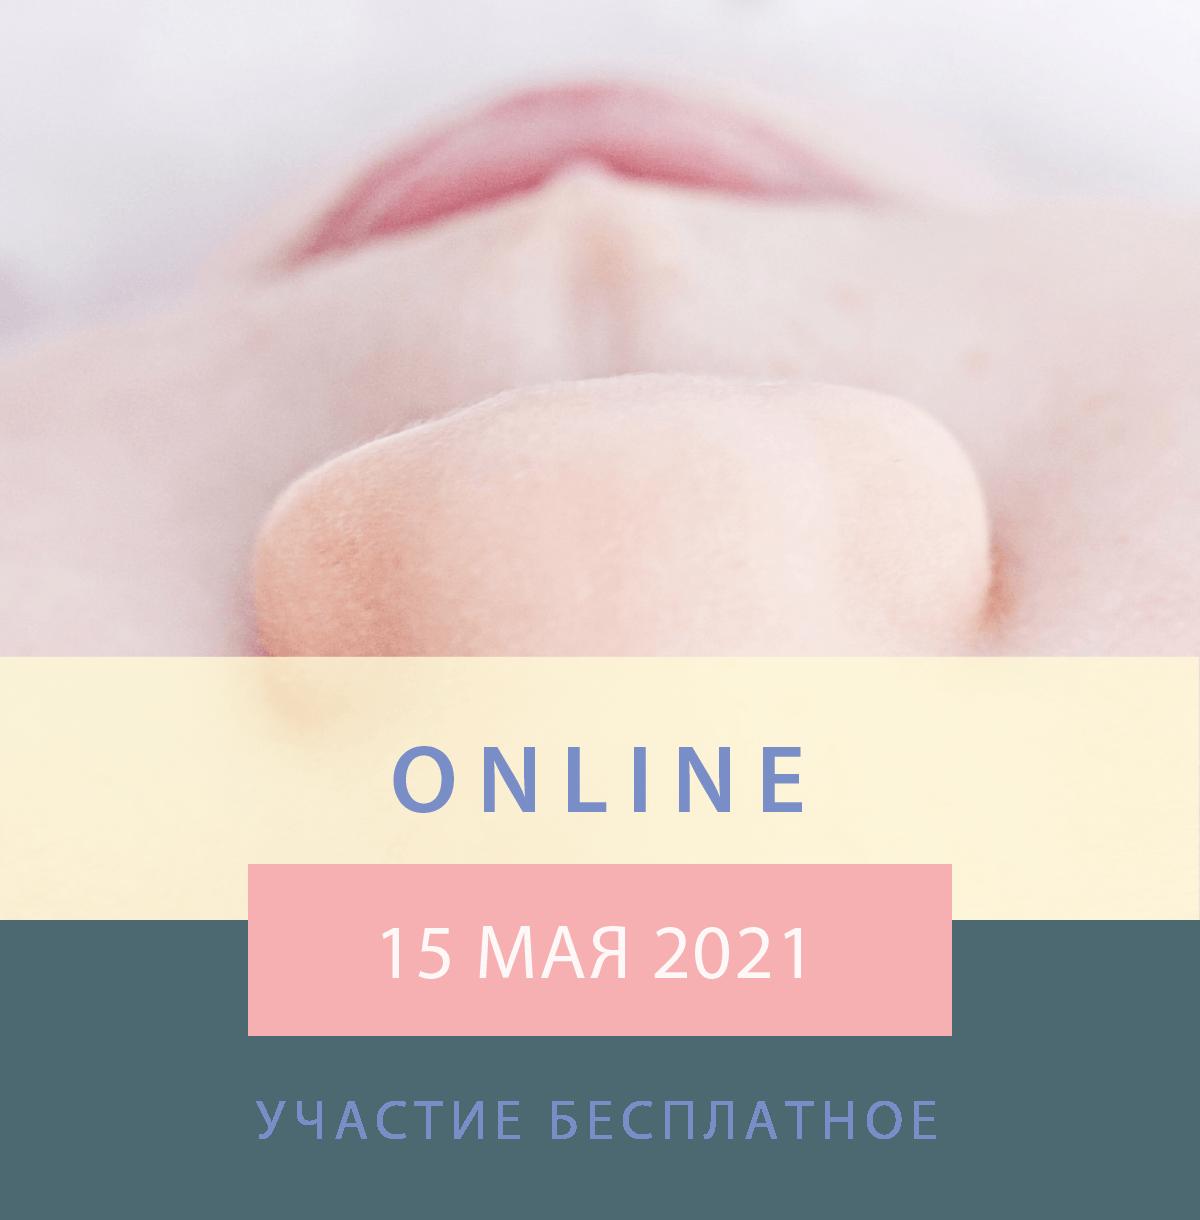 Современные подходы к репродуктивным технологиям Онлайн. 15.05.2021